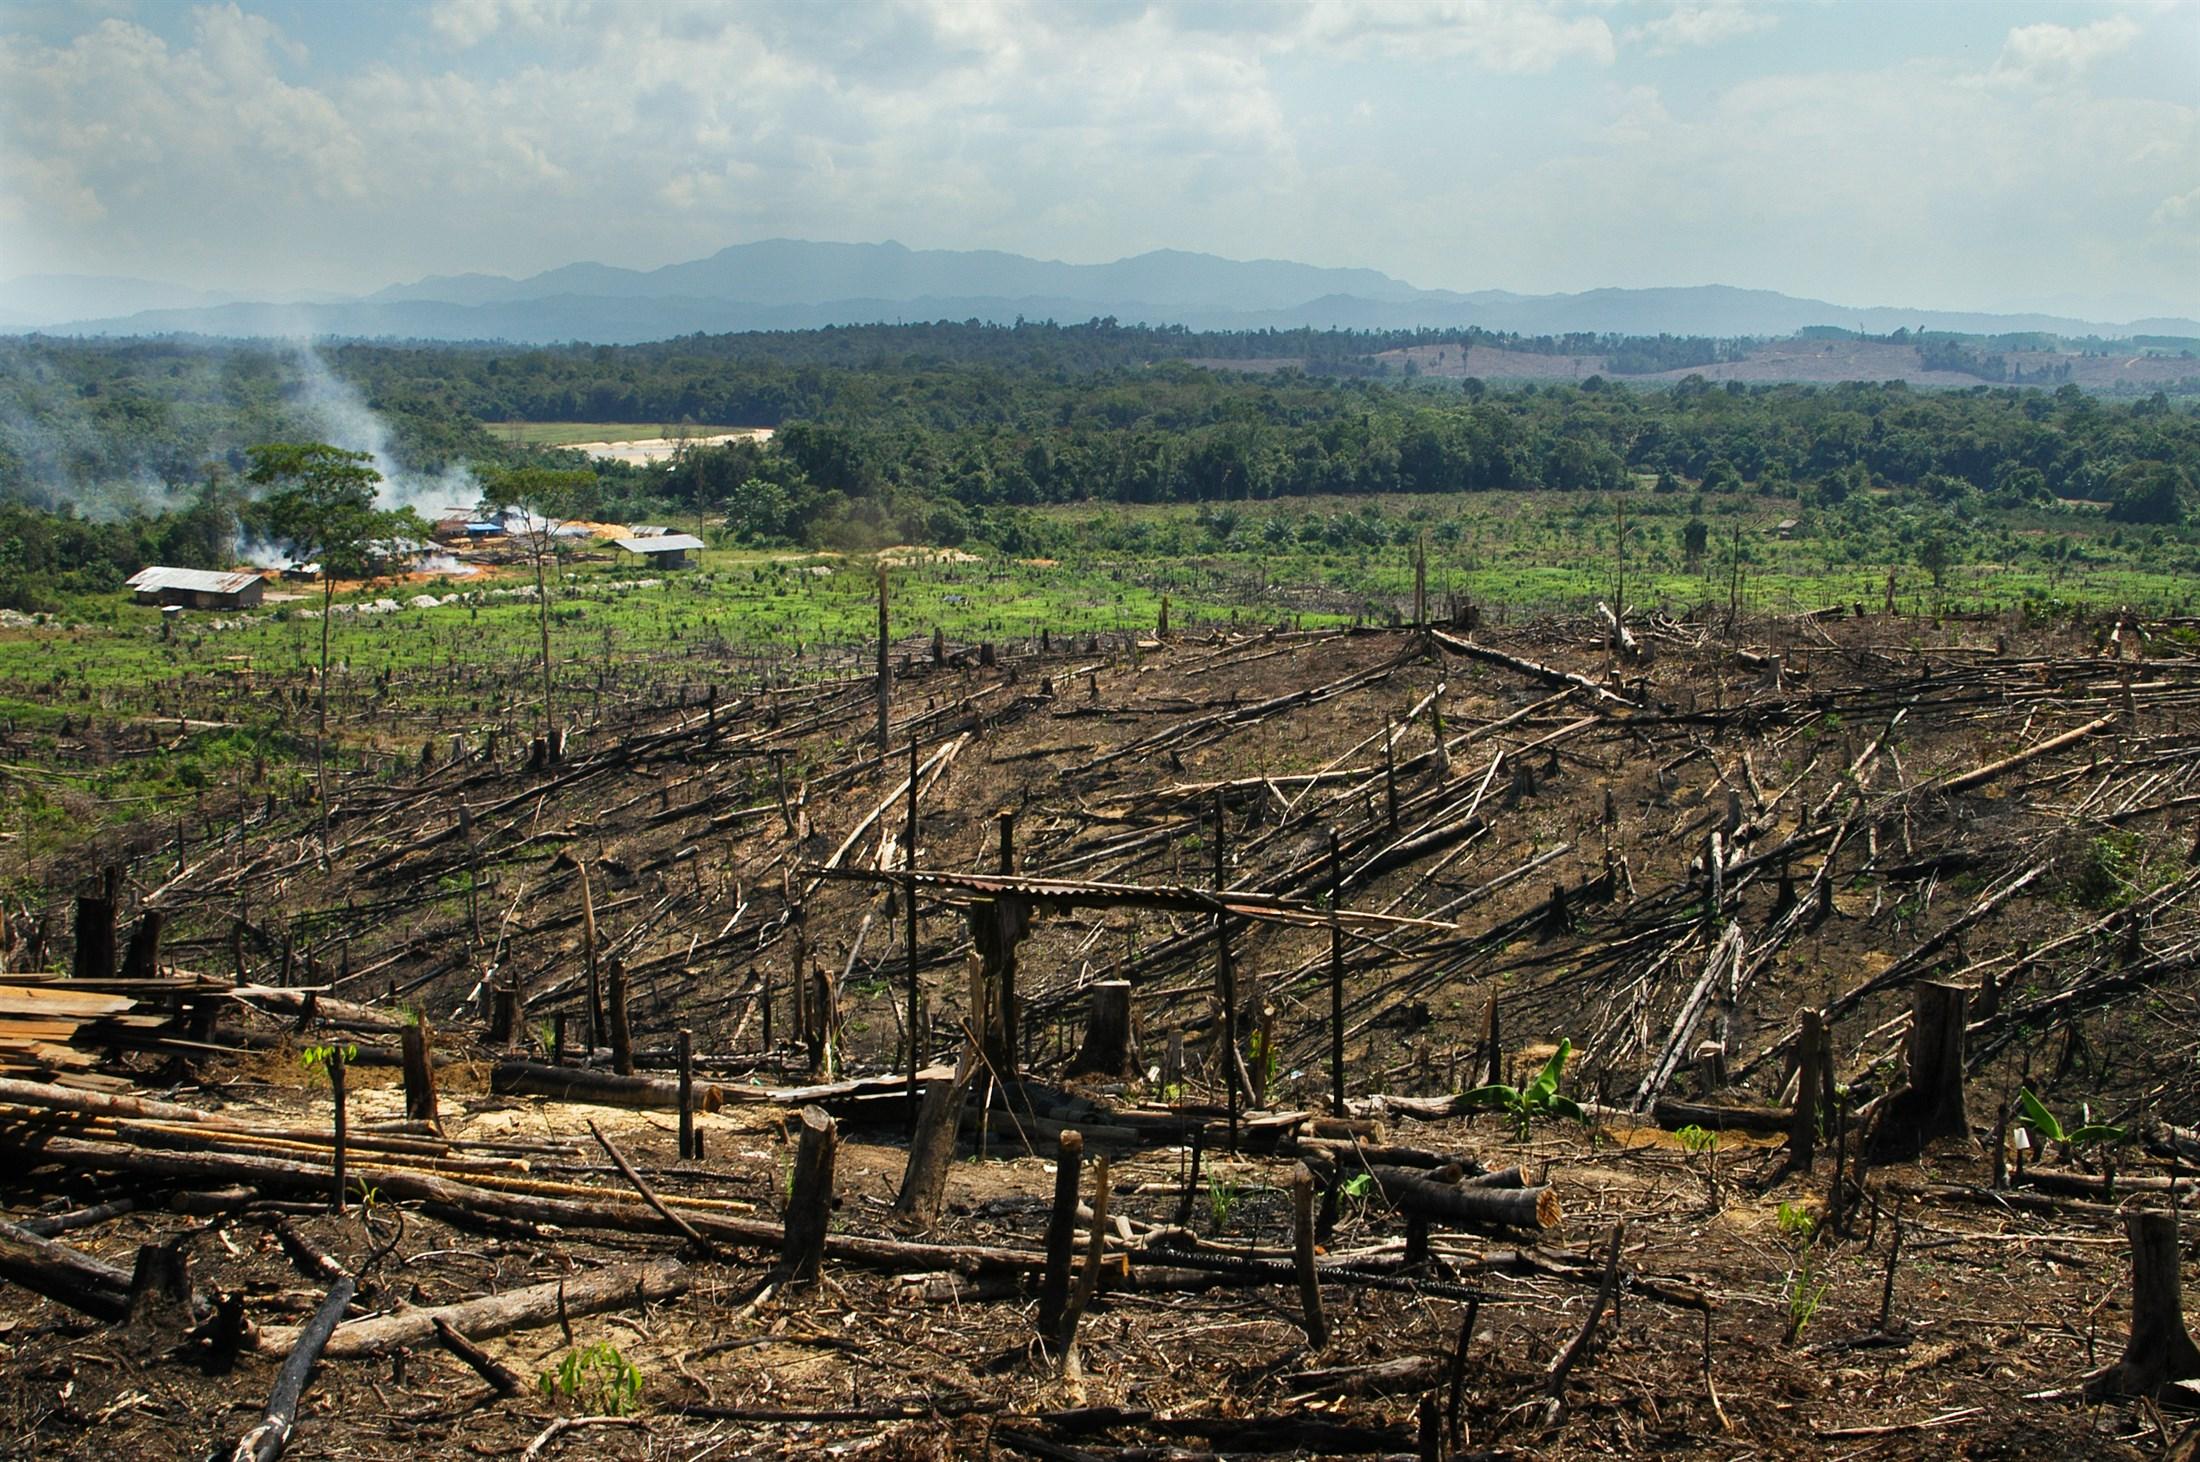 Картинки вырубка лесов экологическая проблема, рисунки